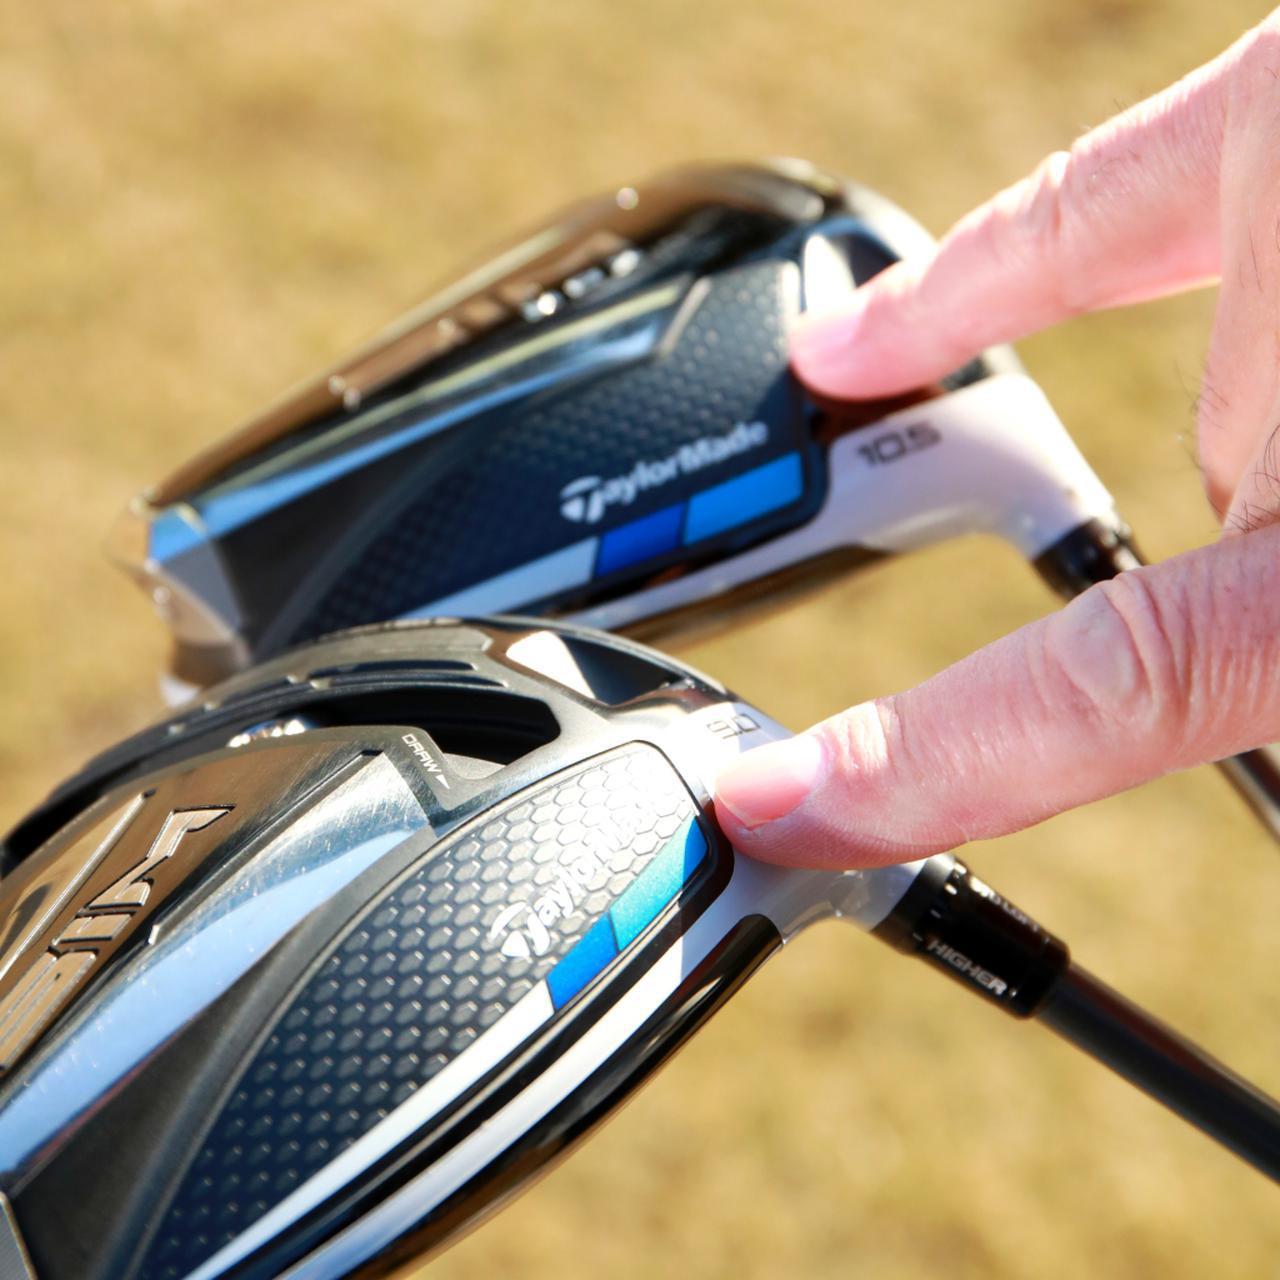 画像: SIMの特徴①「ヒールとトウ側で素材が違う」 ソールのトウ側にはカーボンを、ヒール側にはチタン素材を使用。「ヒール寄りに重量を持ってきているので、どちらも操作しやすく振りやすい」(山崎)